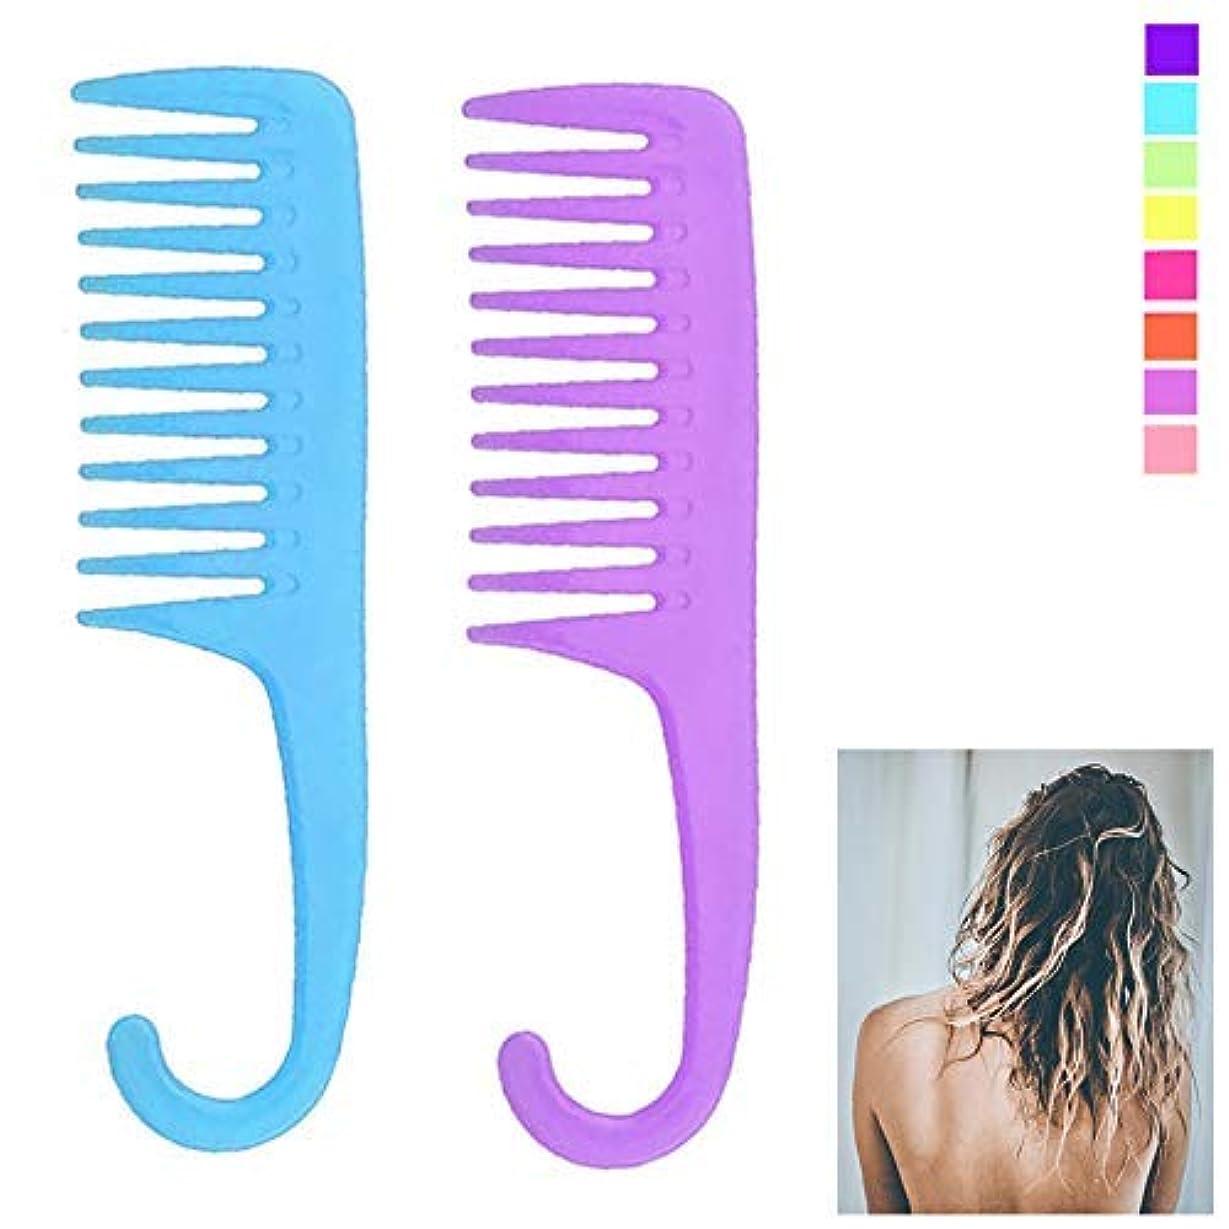 知らせるチャンピオンシップ学ぶ2 Shower Combs Hair Wide Tooth Dry Wet Gently Detangles Thick Long Durable Salon [並行輸入品]